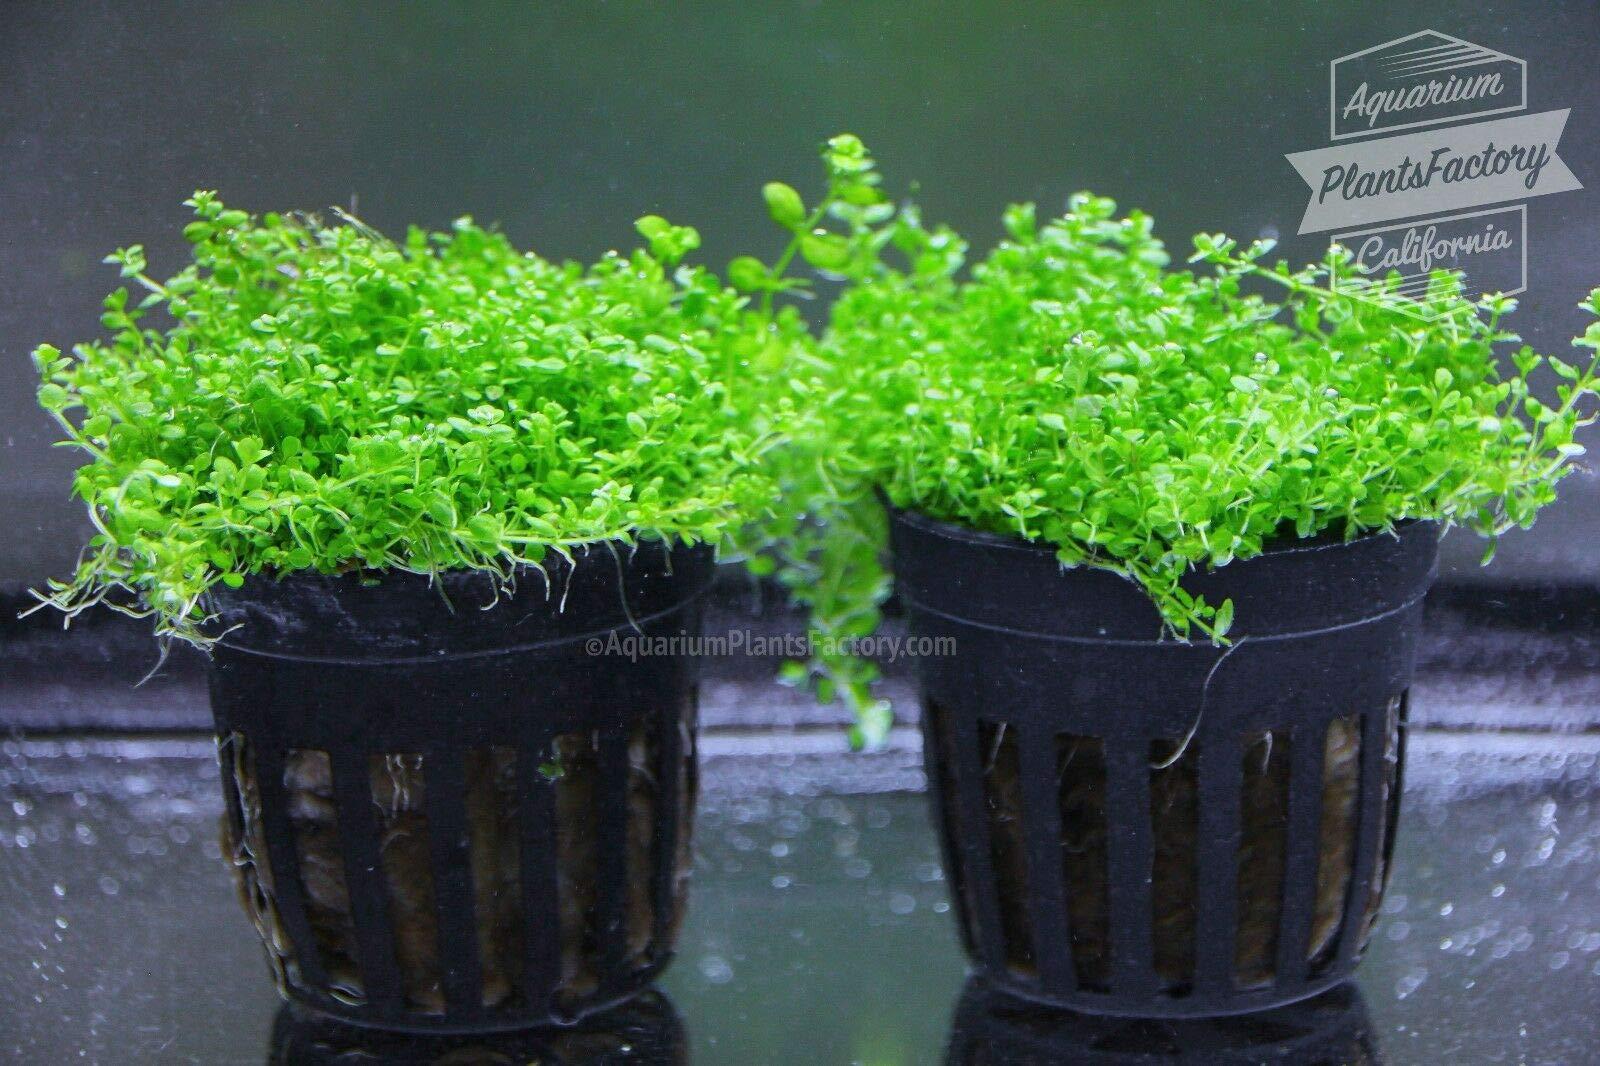 2X Pot Dwarf Baby Tears Hemianthus Callitrichoides Cuba Live Aquarium Plants by SS0156